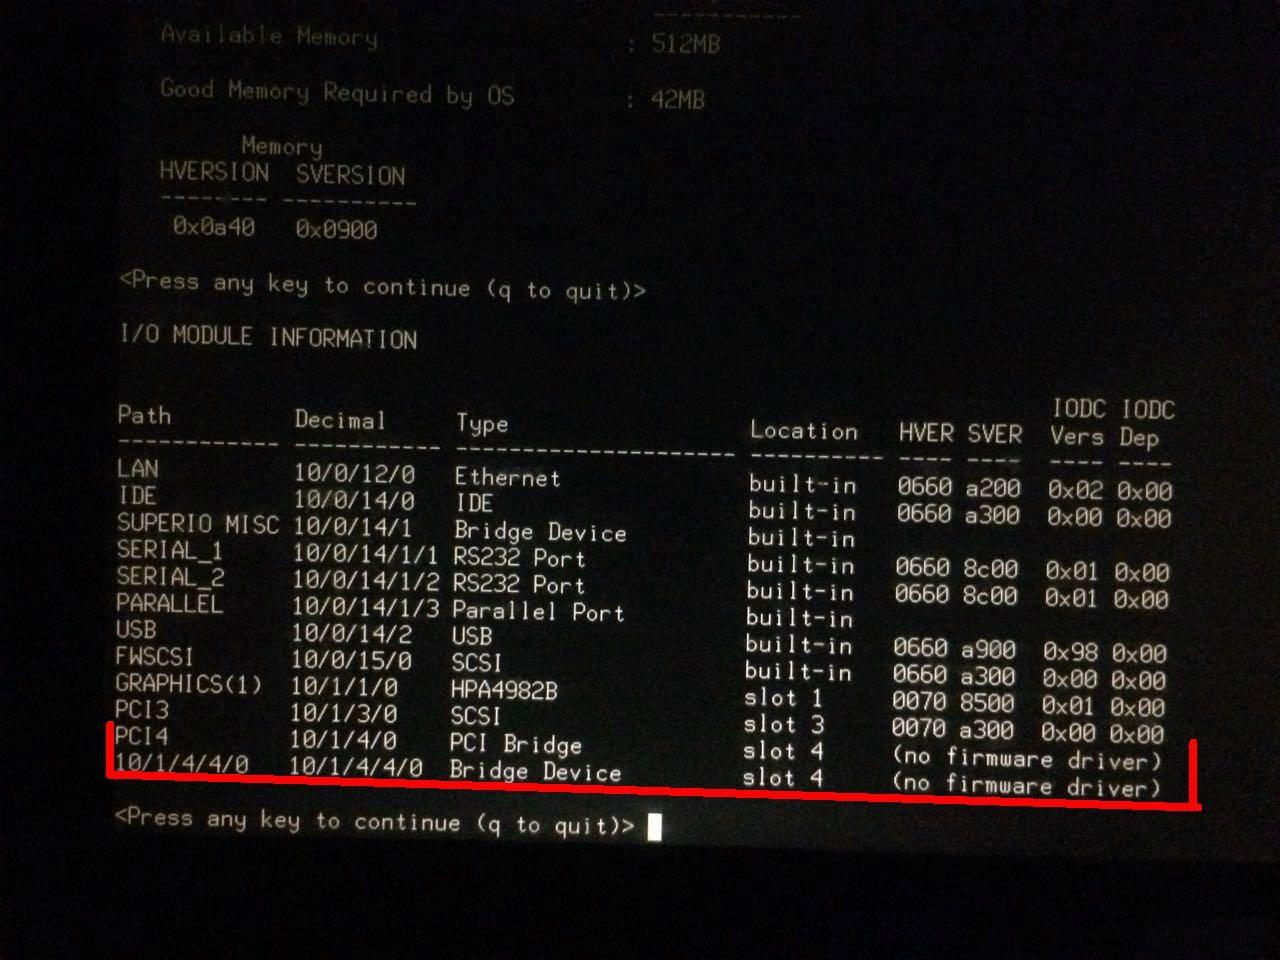 IO自检信息显示no firmware driver